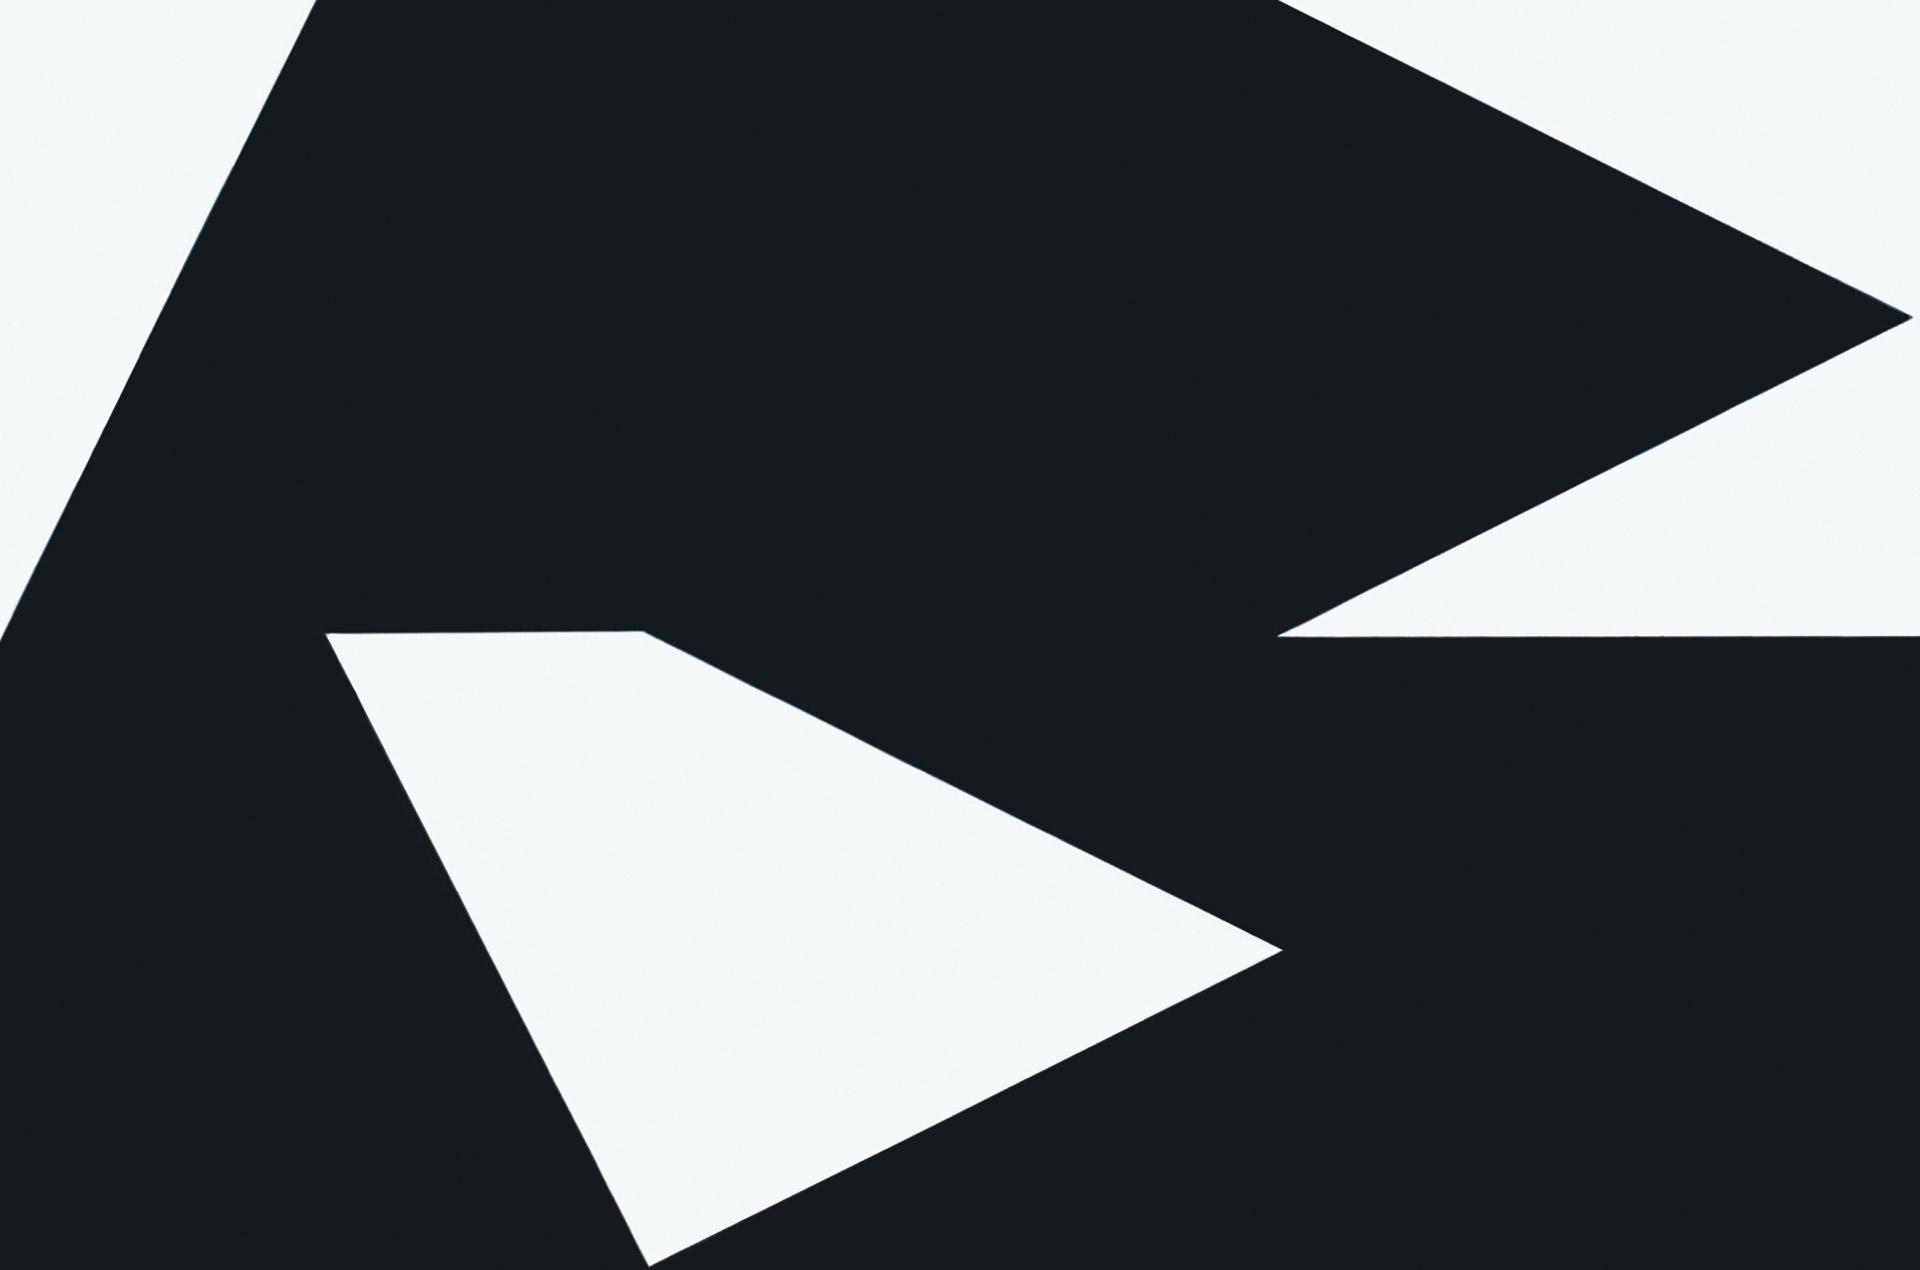 """Lygia Clark Planos en superficie modulada (Planos em superfície modulada), 1958 Pintura de polímero sintética sobre madera 100 x 150 x 7 cm Colección particular, Rio de Janeiro © Cortesía Asociación Cultural """"The World of Lygia Clark"""""""